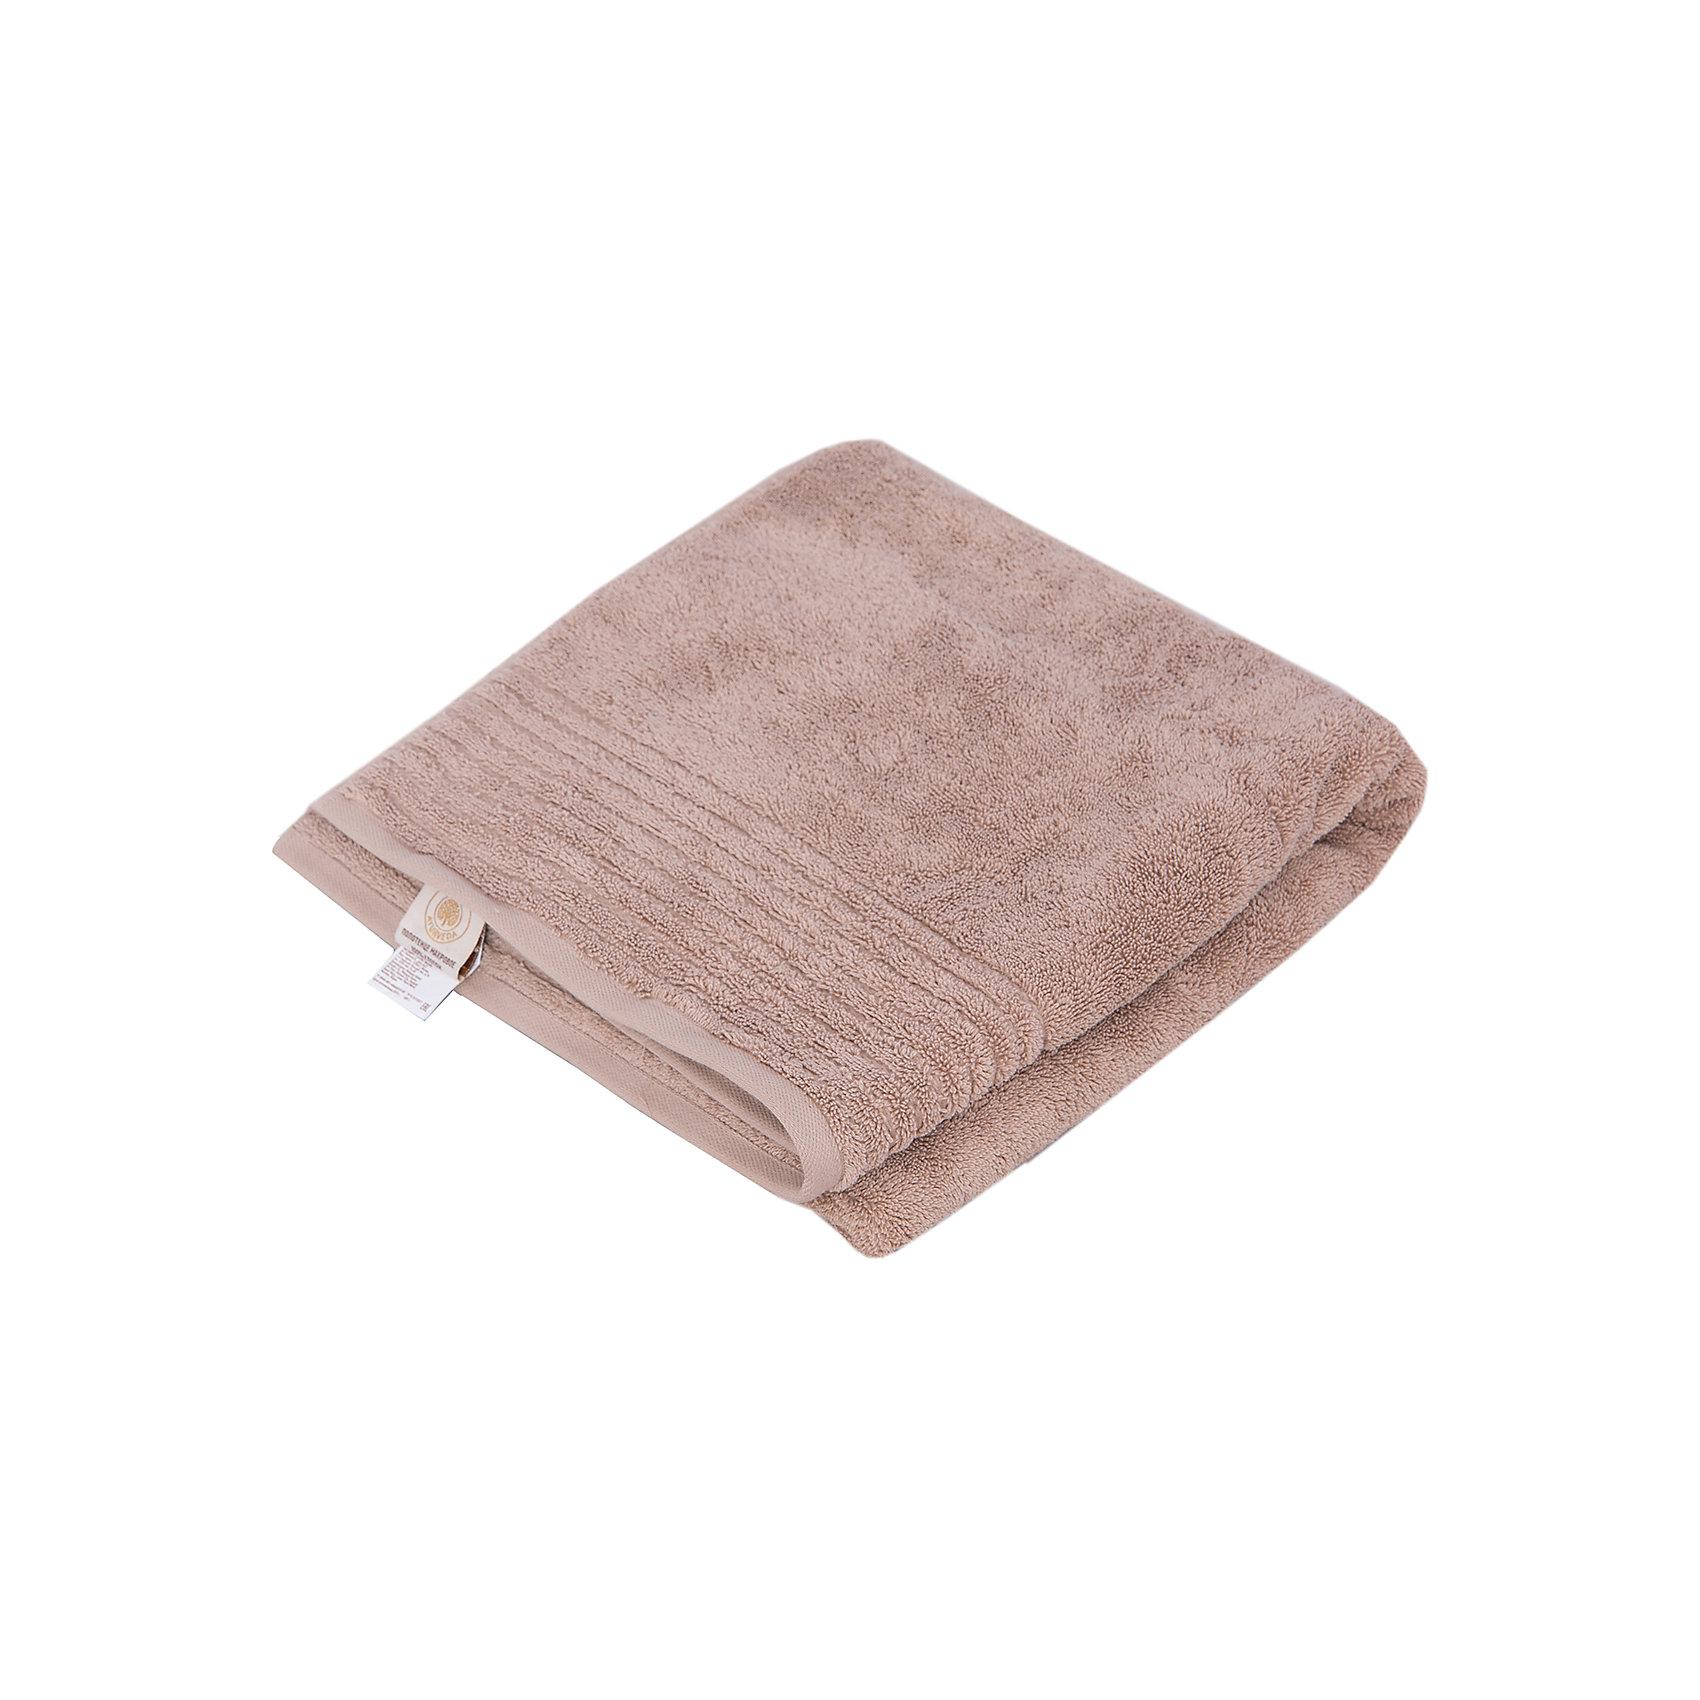 Полотенце махровое 70*140, Luxury Ayurveda, latteМахровое полотенце Luxury Ayurveda изготовлено из качественного натурального хлопка. Приятный дизайн полотенца отлично подойдет для вашей ванной комнаты.<br><br>Особенности:<br>-отлично впитывает влагу<br>-высокая гигроскопичность<br>-остается мягким на протяжении длительного времени<br>-объем увеличивается после стирки<br>-не уменьшаются в размере<br>-технология Hygro от Welspun<br>-входит в эксклюзивную коллекцию, не имеющая аналогов<br><br>Дополнительная информация:<br>Материал: 100% хлопок<br>Размер: 70х140 см<br>Цвет: бежевый<br>Торговая марка: Luxury Ayurveda<br><br>Вы можете купить махровое полотенце  Luxury Ayurveda в нашем интернет-магазине.<br><br>Ширина мм: 500<br>Глубина мм: 500<br>Высота мм: 200<br>Вес г: 600<br>Возраст от месяцев: 0<br>Возраст до месяцев: 144<br>Пол: Унисекс<br>Возраст: Детский<br>SKU: 5011003